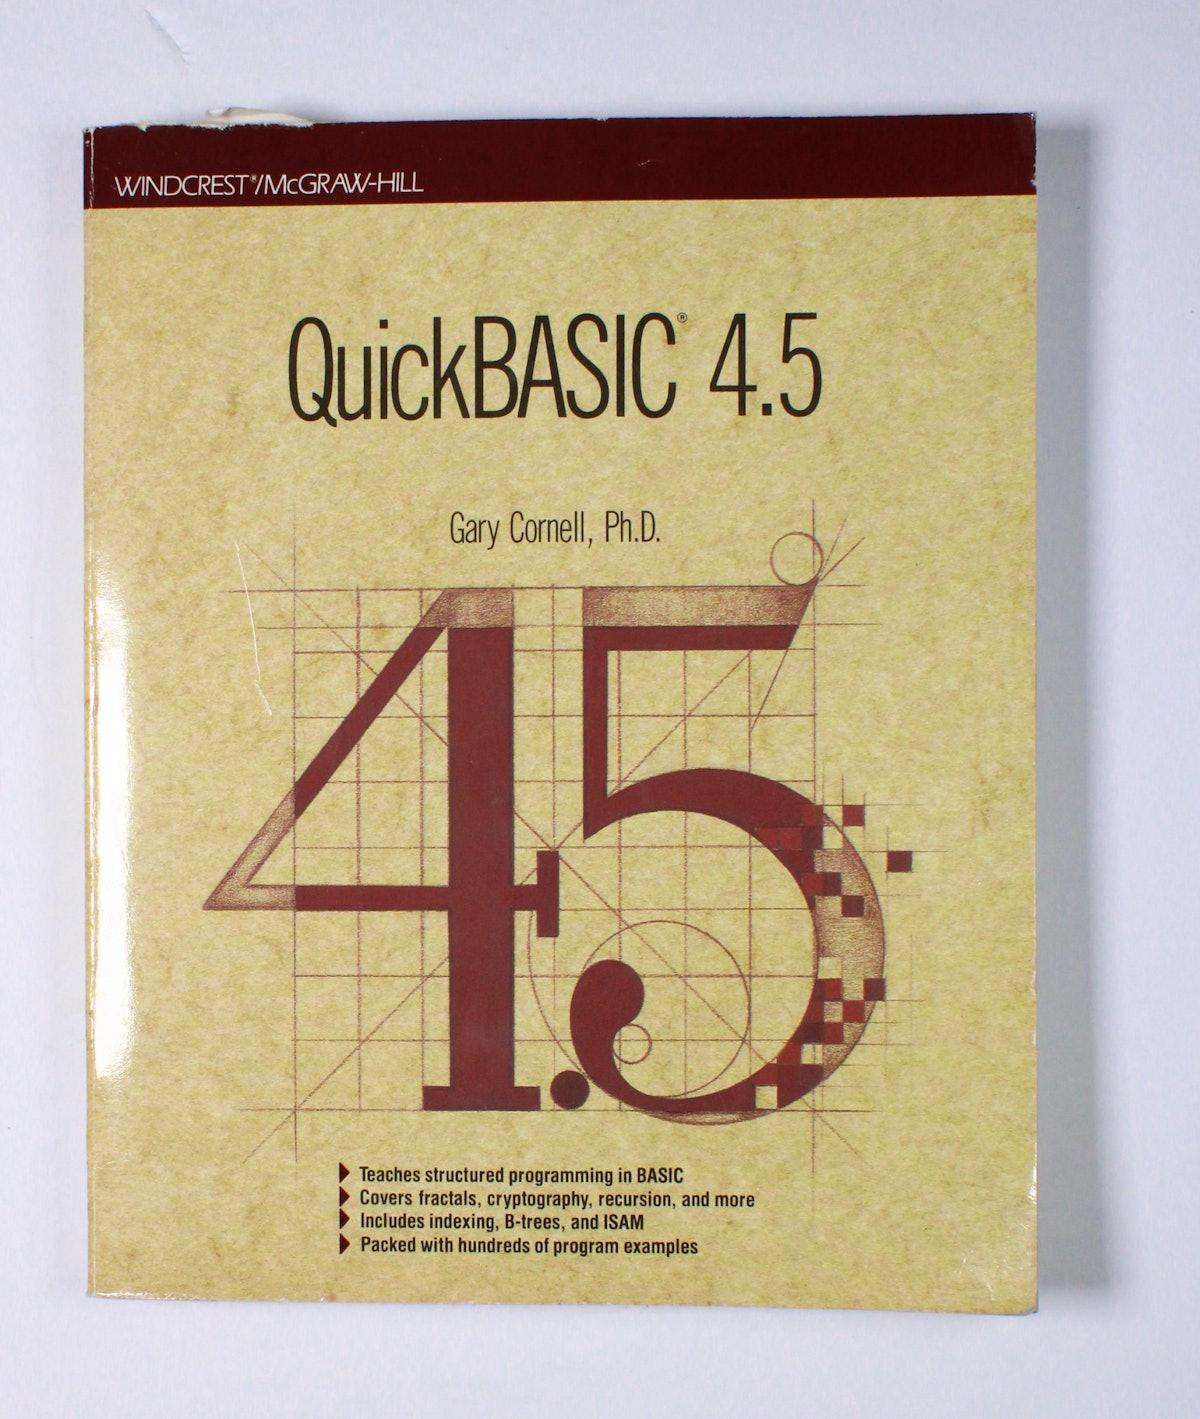 QuickBASIC 4.5